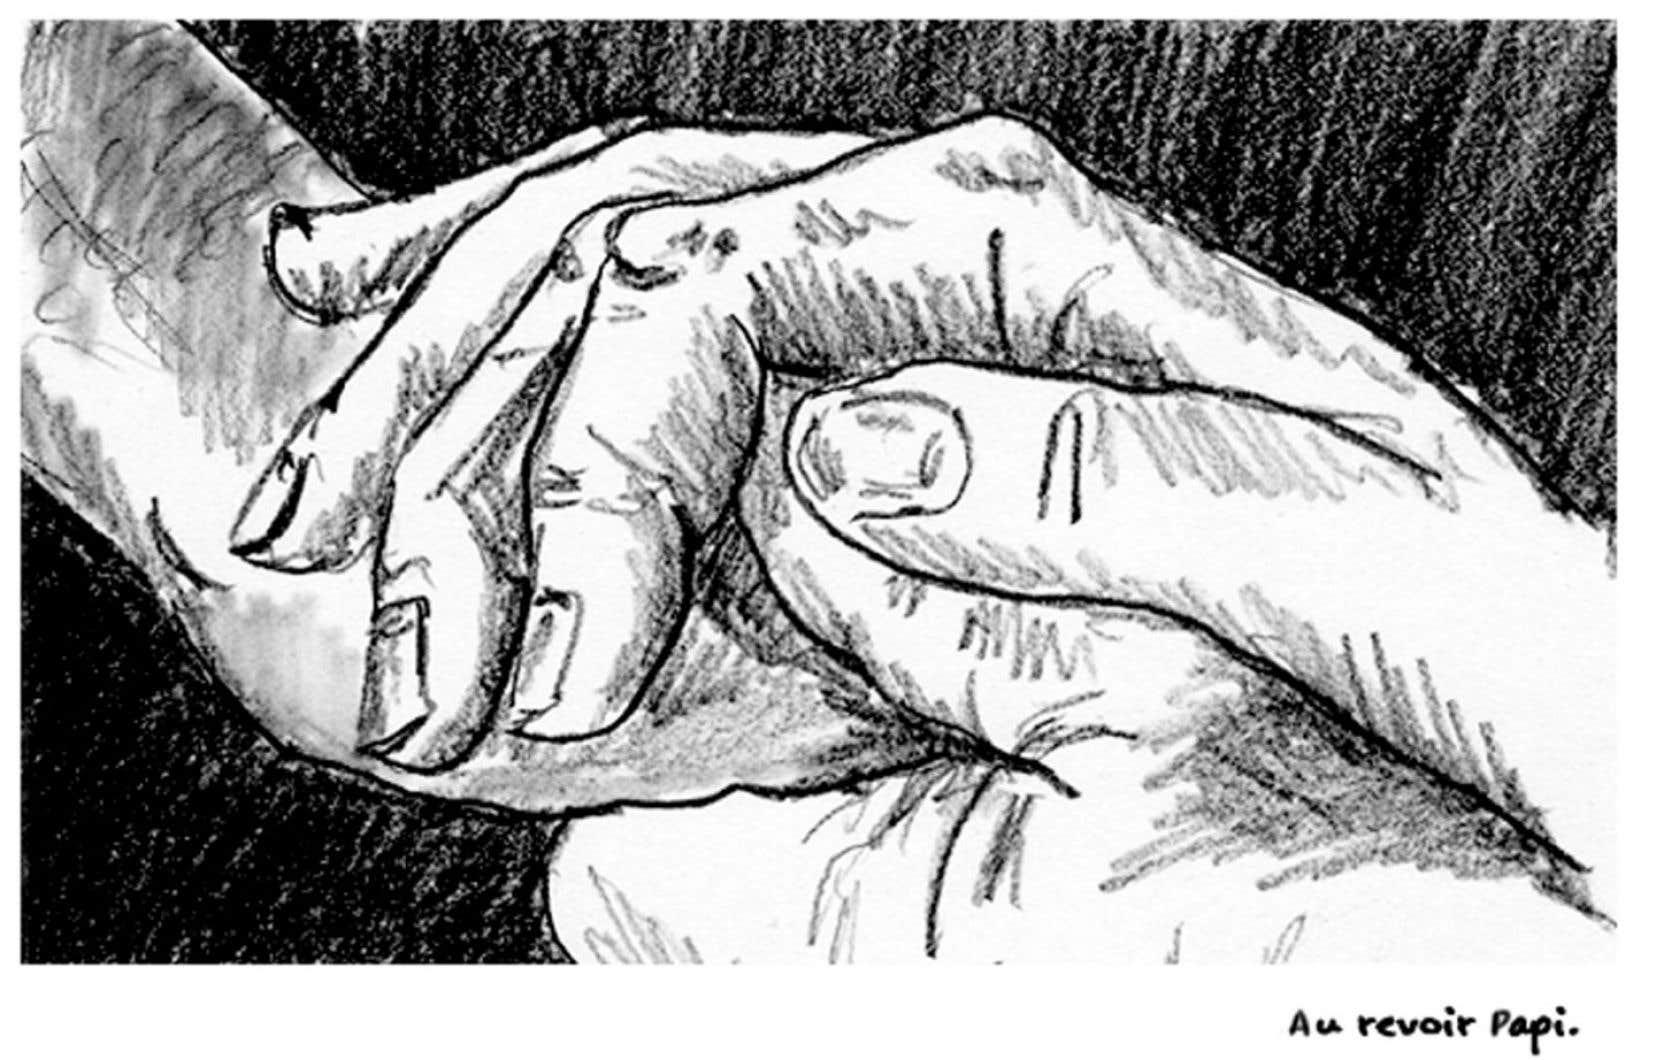 Emanuelle Dufour, qui étudie l'éducation par les arts à Concordia, a créé une bande dessinée sur la vie de son grand-père. Elle y raconte notamment son recours à l'aide médicale à mourir.